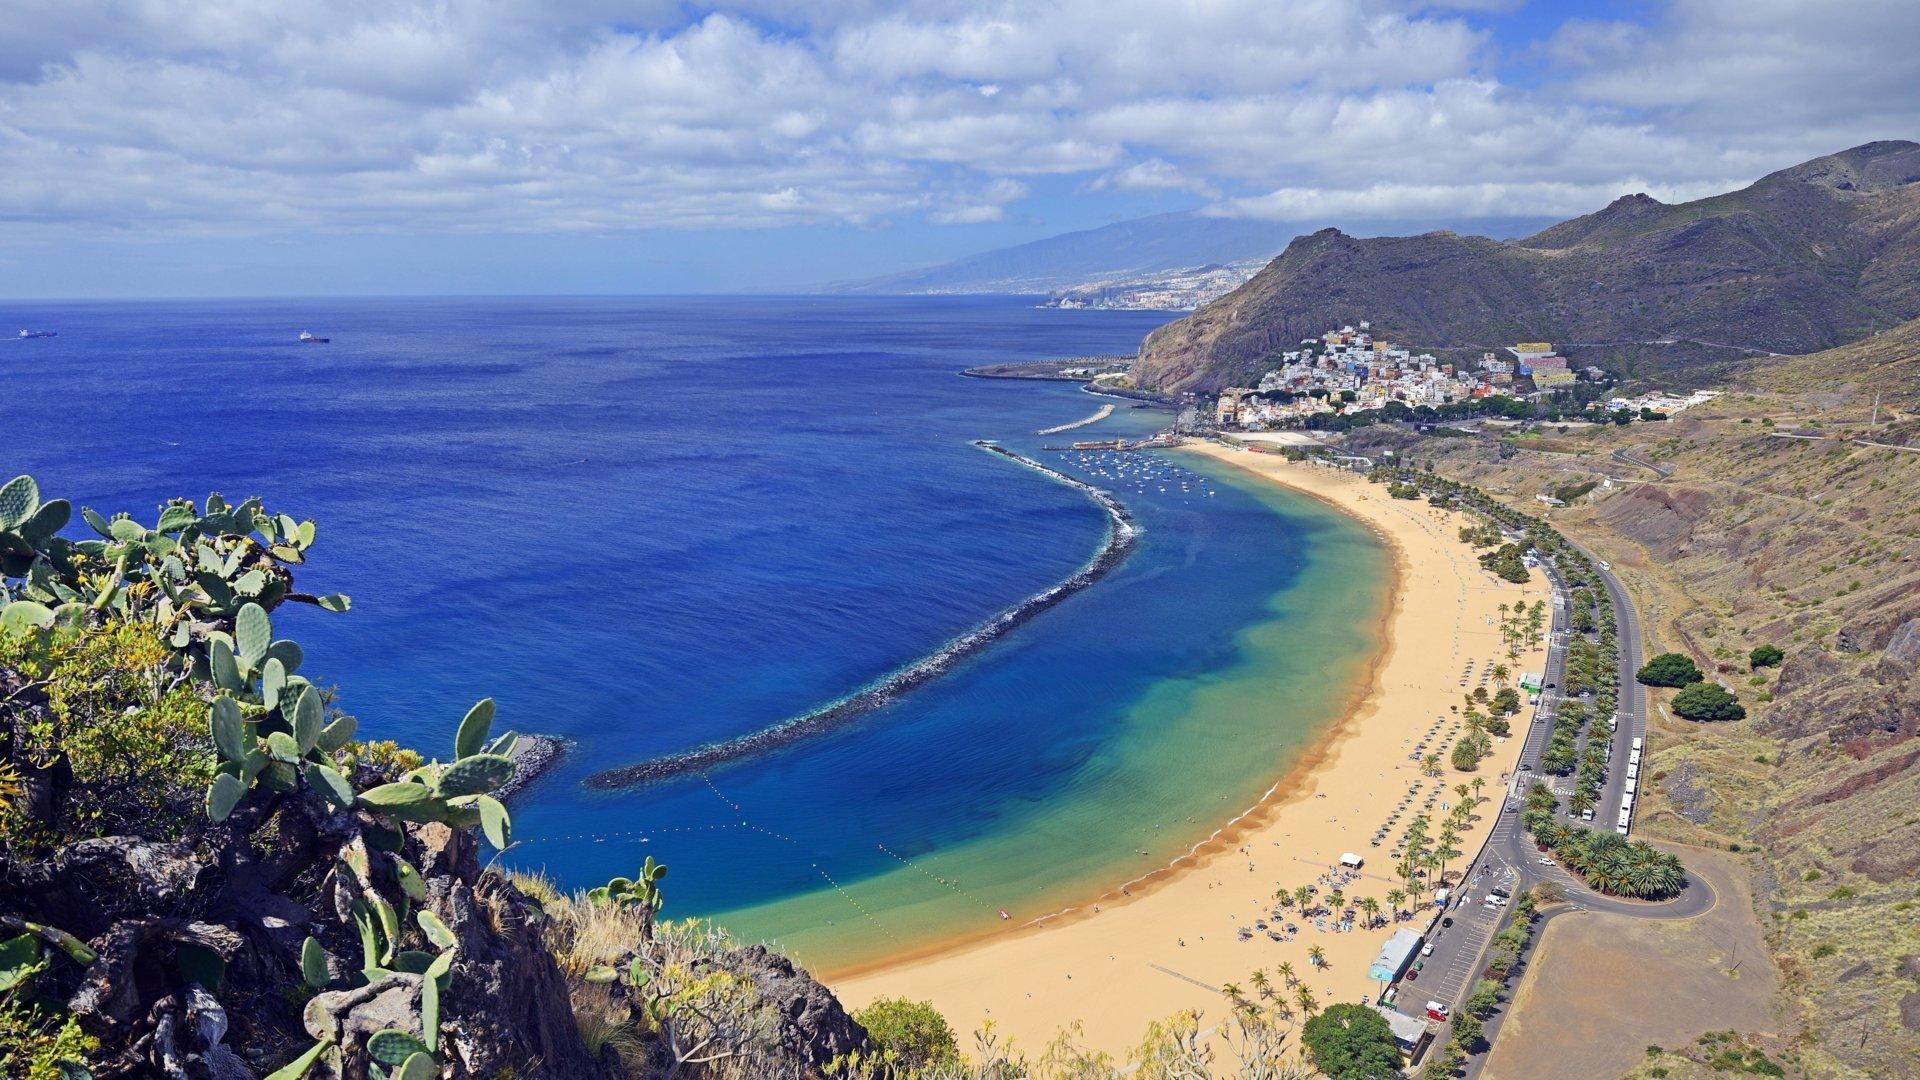 Kanaren-Check: Welche Insel ist die schönste?